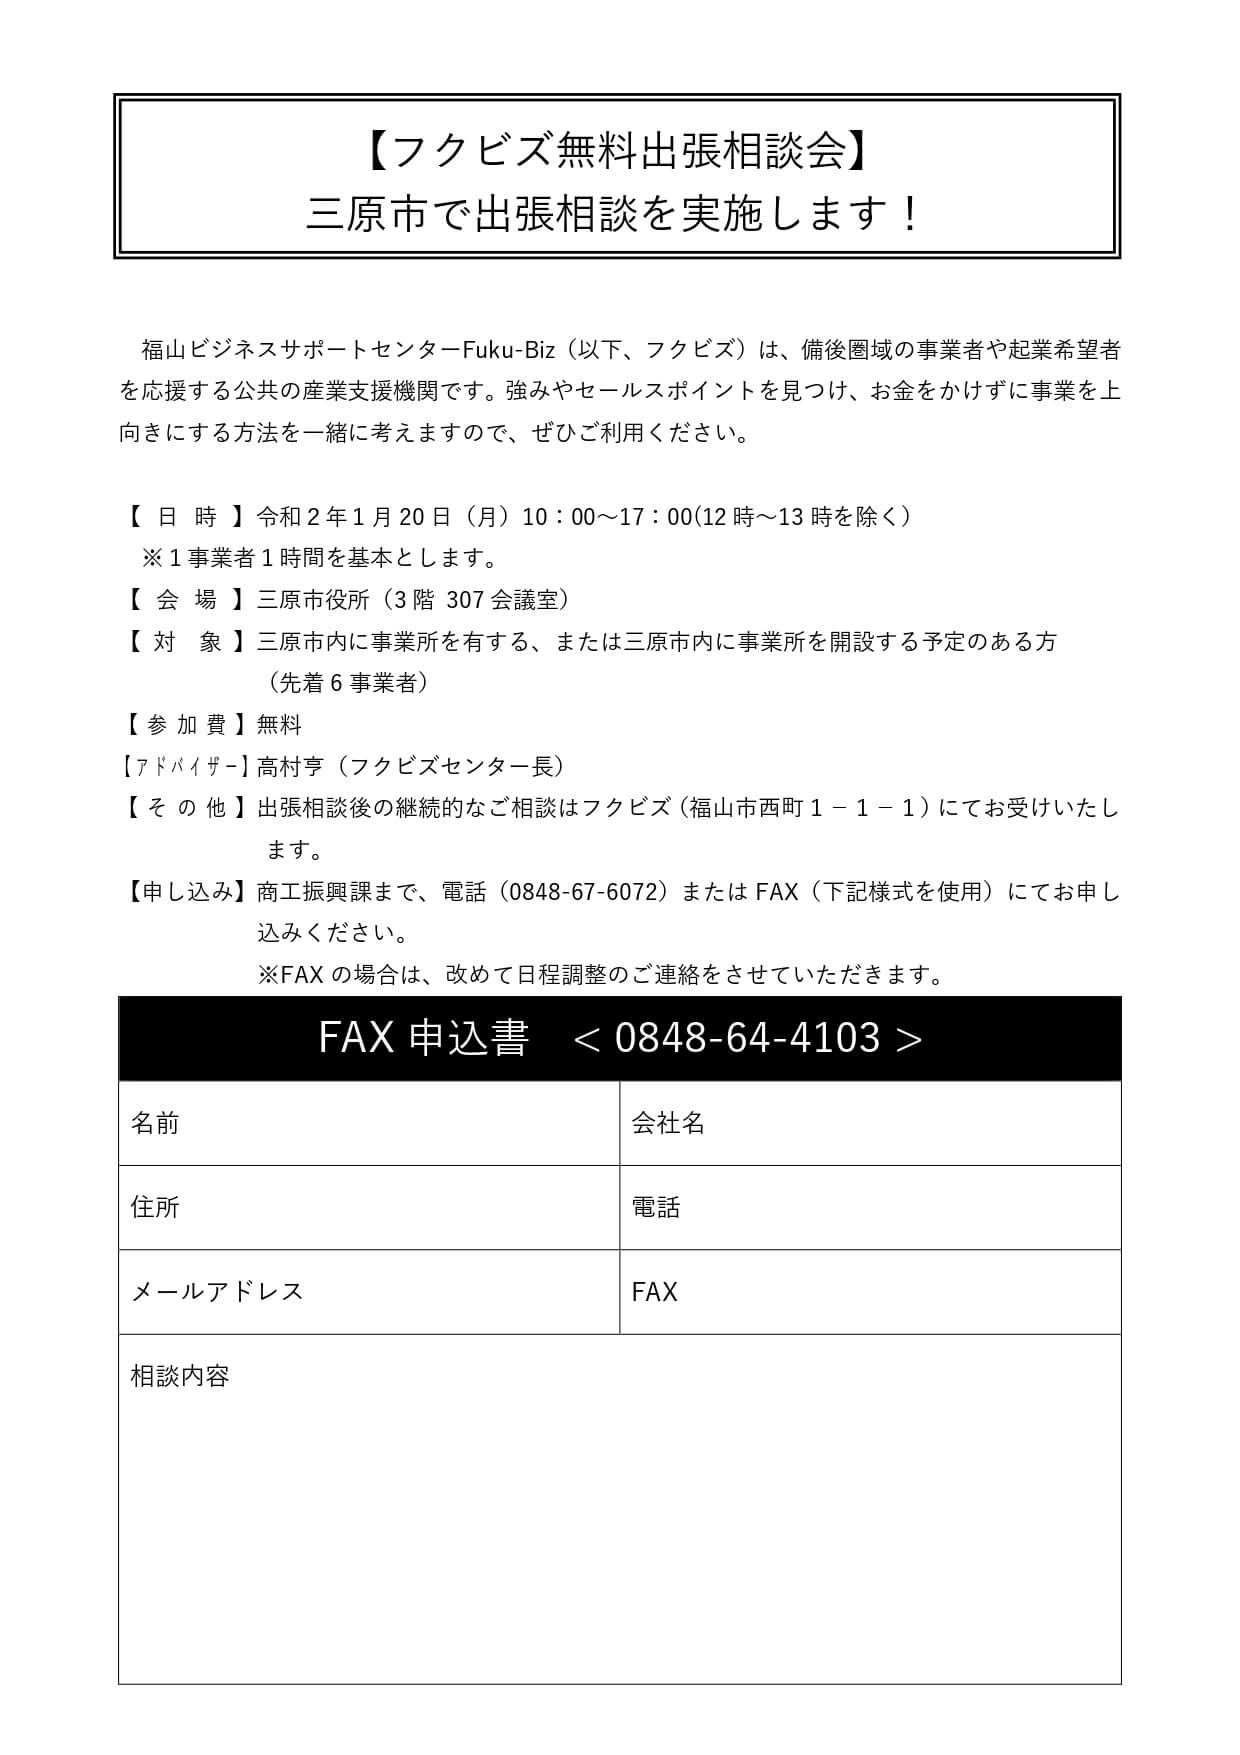 フクビズ無料出張相談会in三原を開催します!